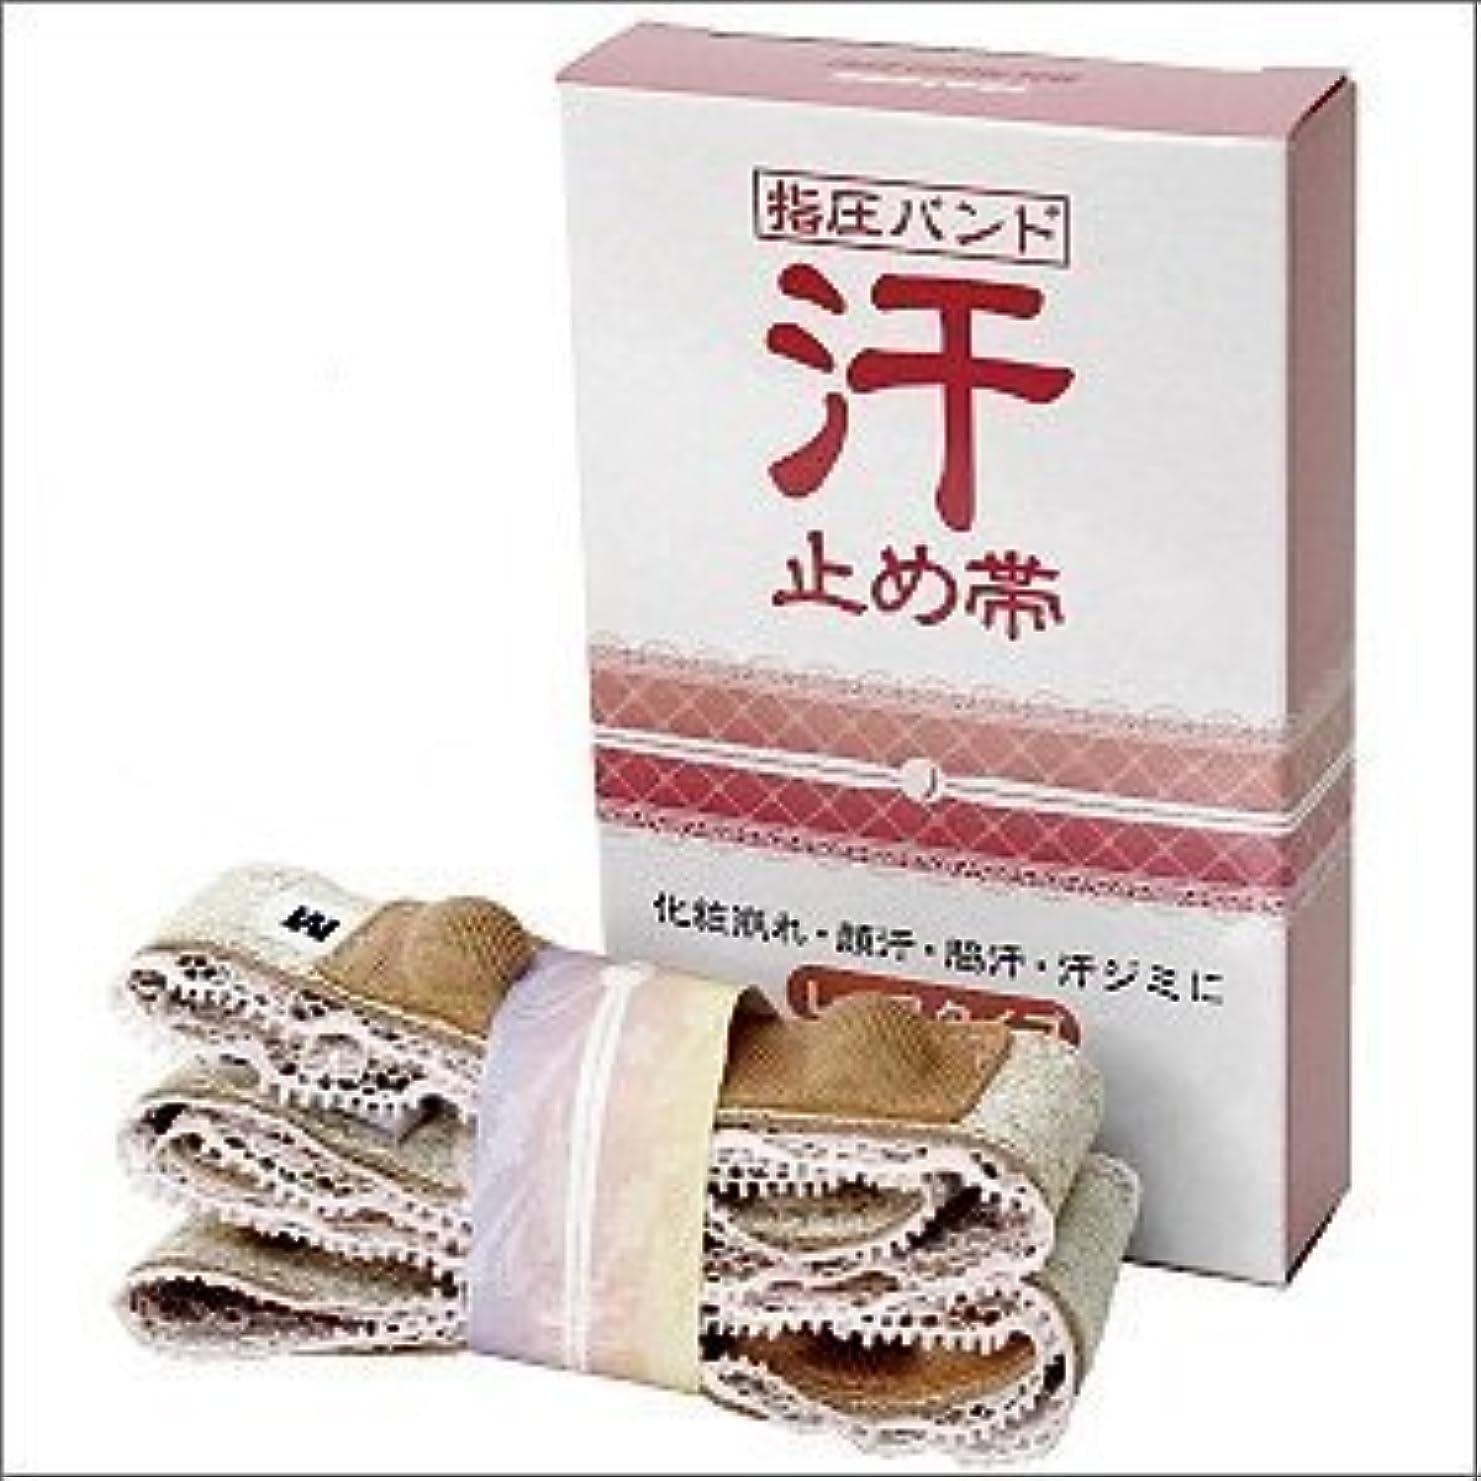 試みるヒール端末汗止め帯 レースタイプ (M(850~950mm), ホワイト)